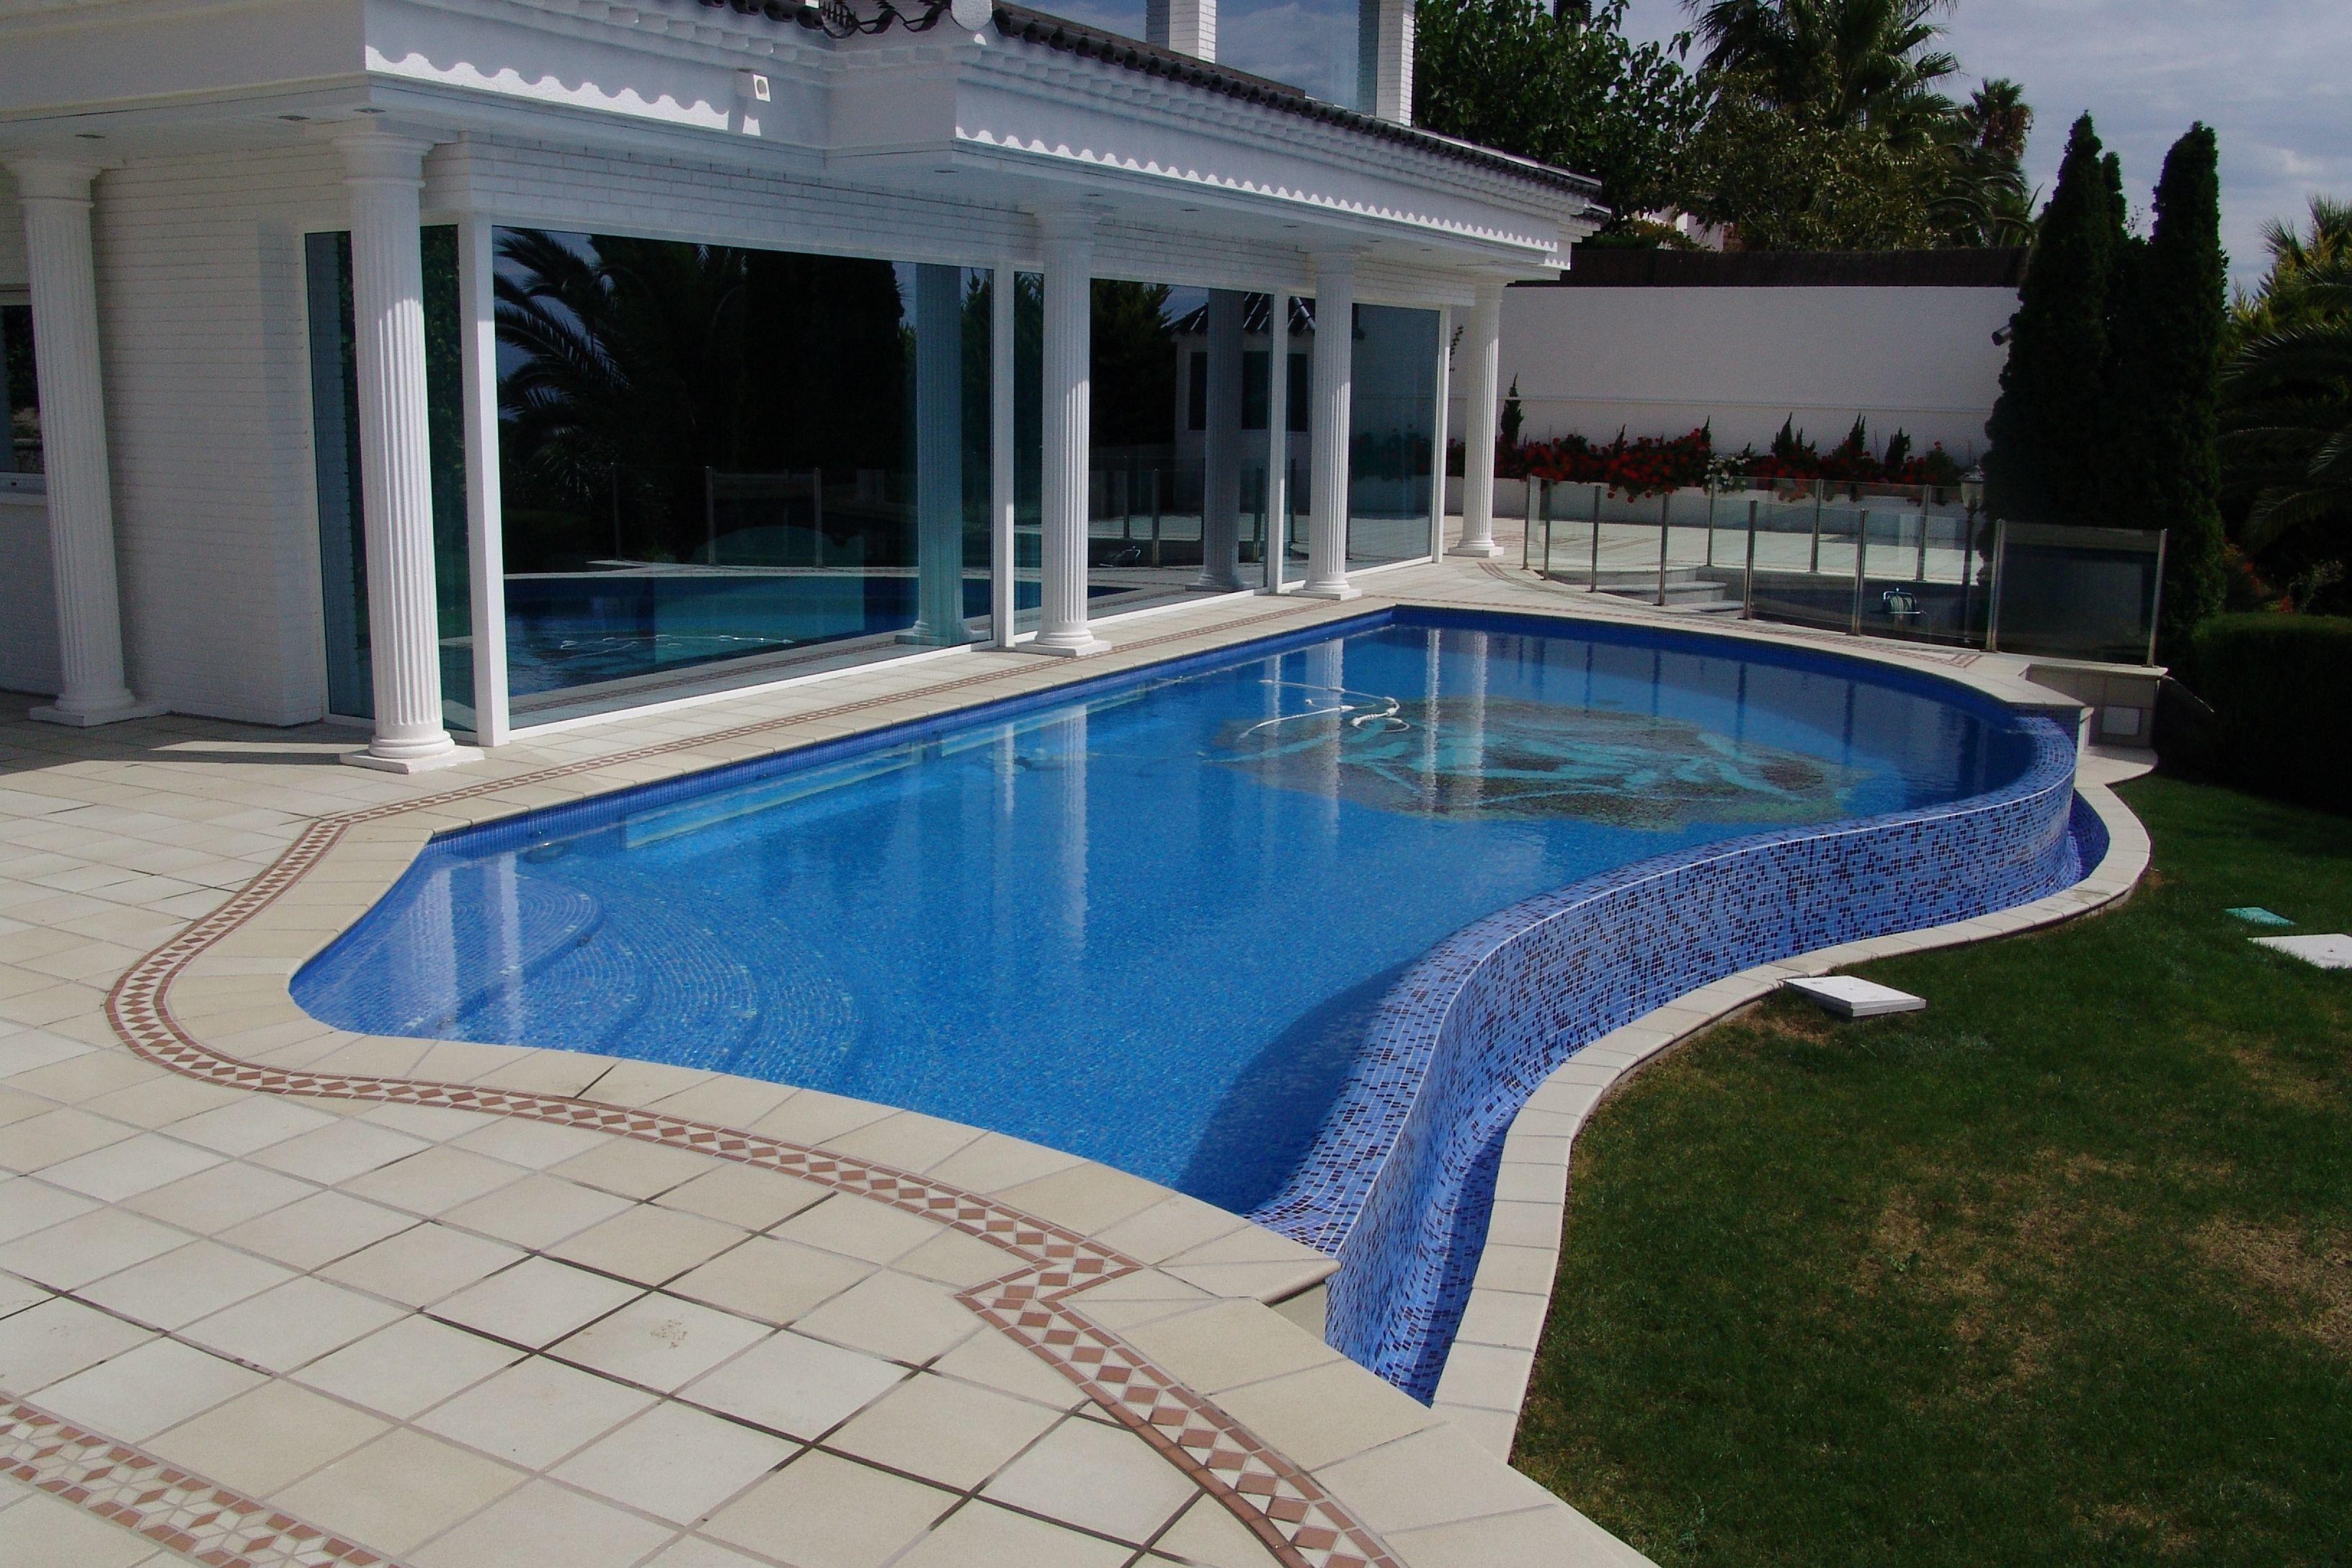 Piscina de ferr n piscinas enorme piscina de dise o desbordante con escalera de obra de acceso - Piscinas con diseno ...